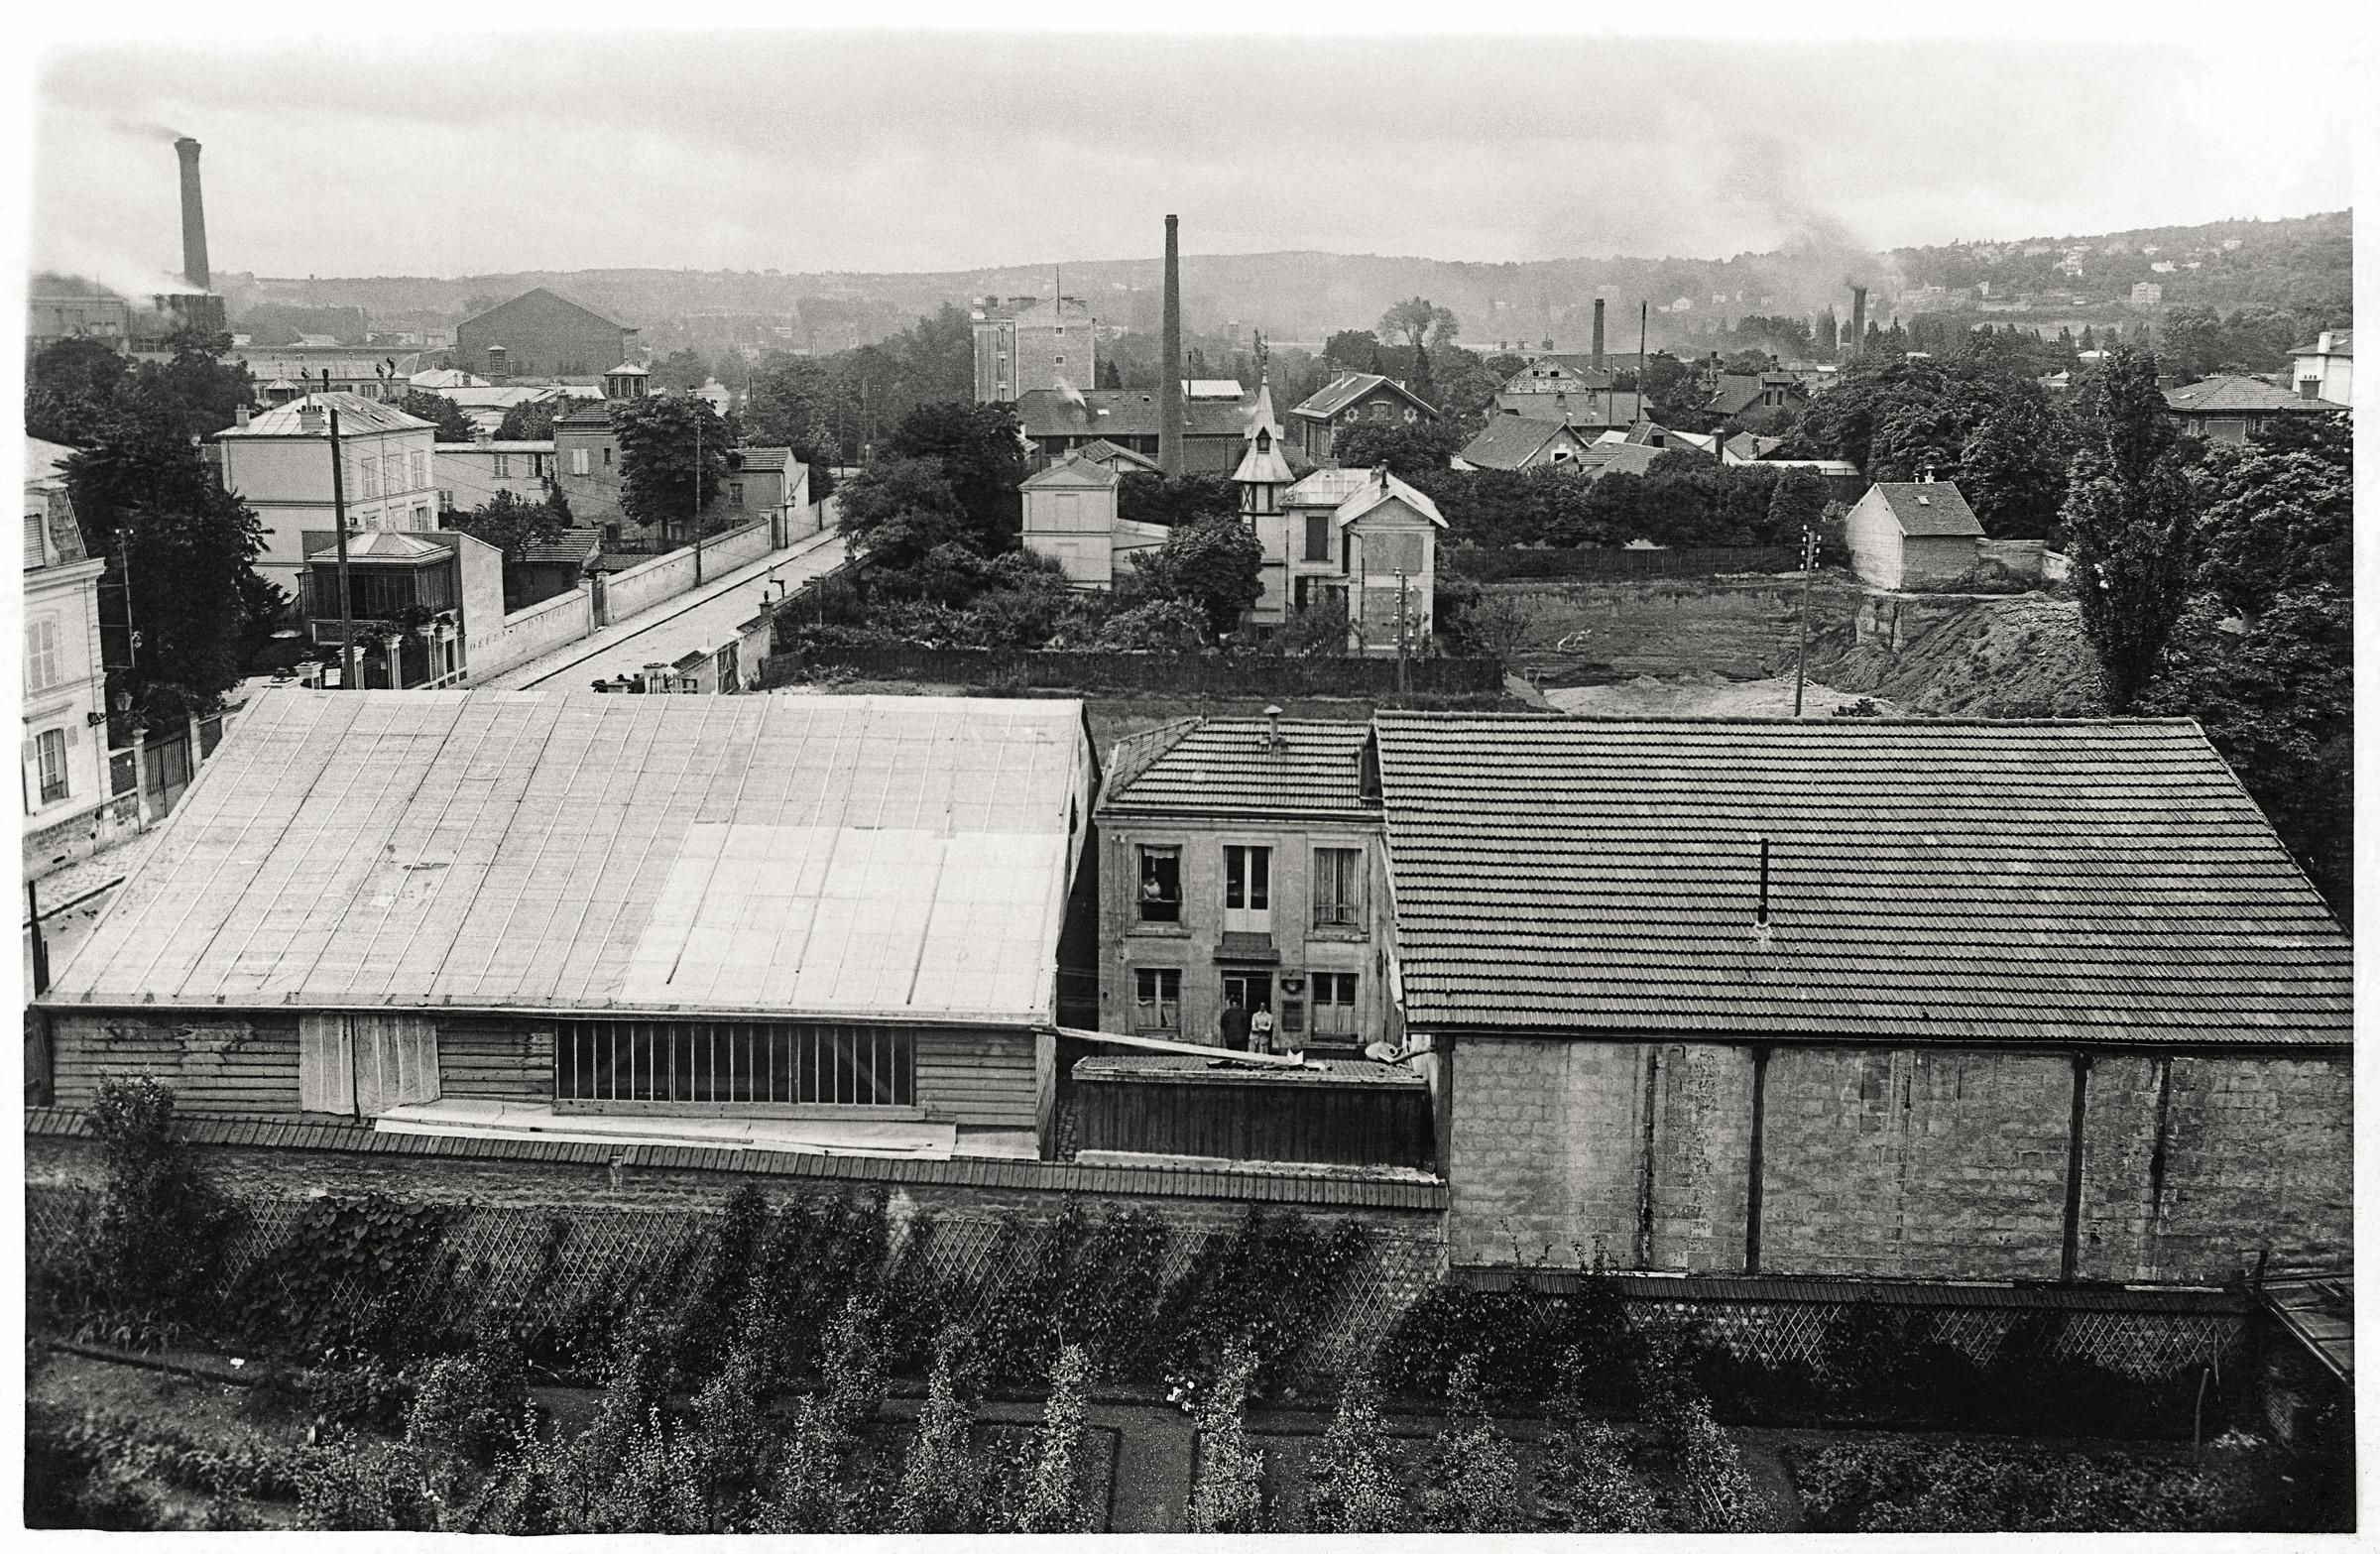 L'atelier du 4 rue de la ferme vu depuis un immeuble de l'actuelle av du Général Leclerc-1906-Archives municipales de Boulogne-Billancourt